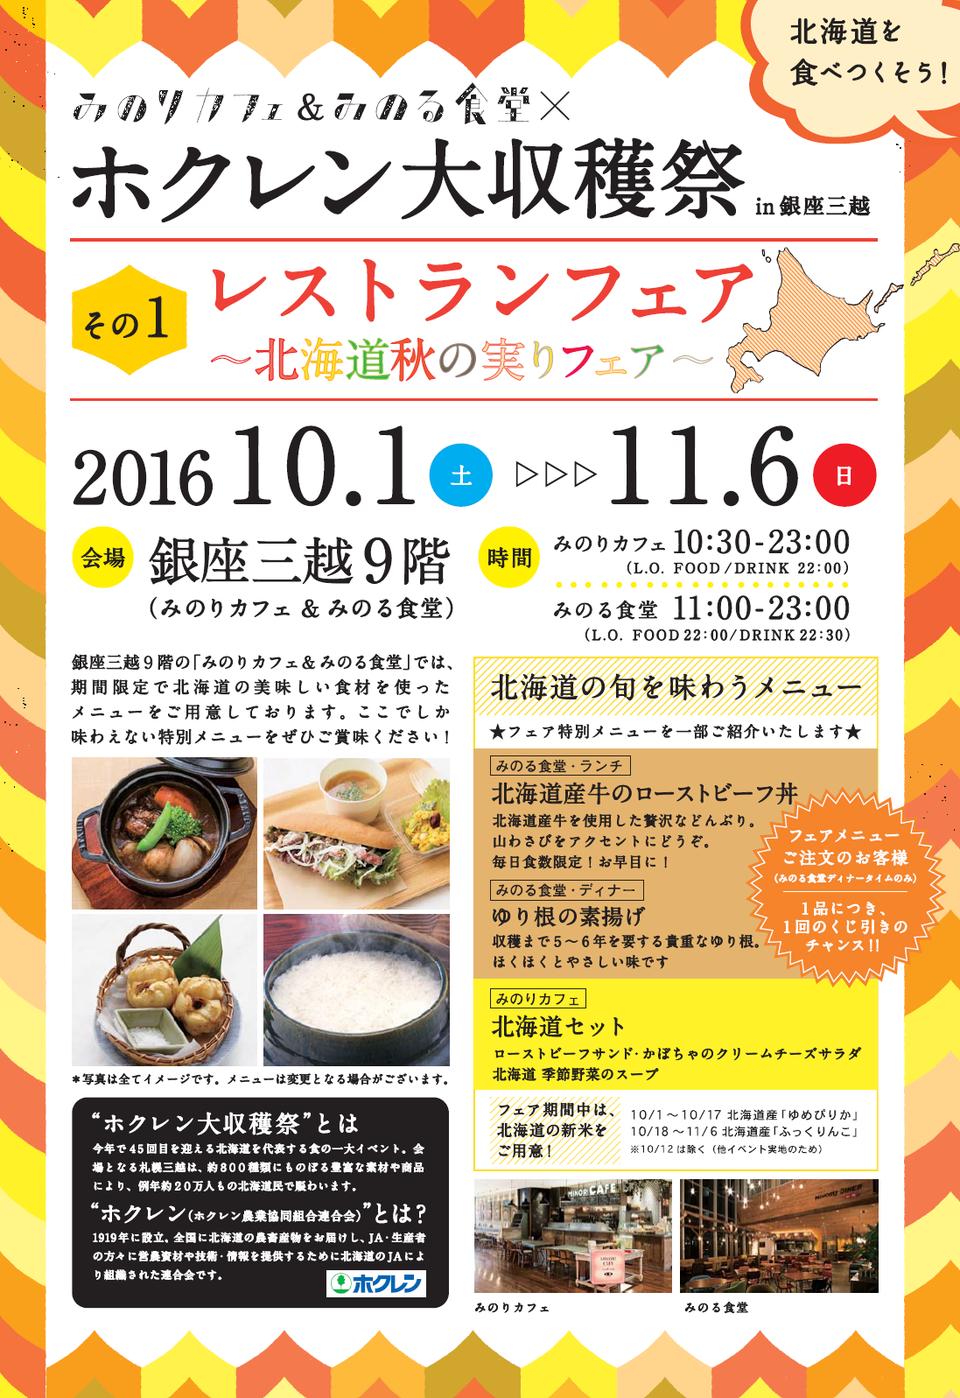 20161001-1106_レストランフェアちらし - コピー.png